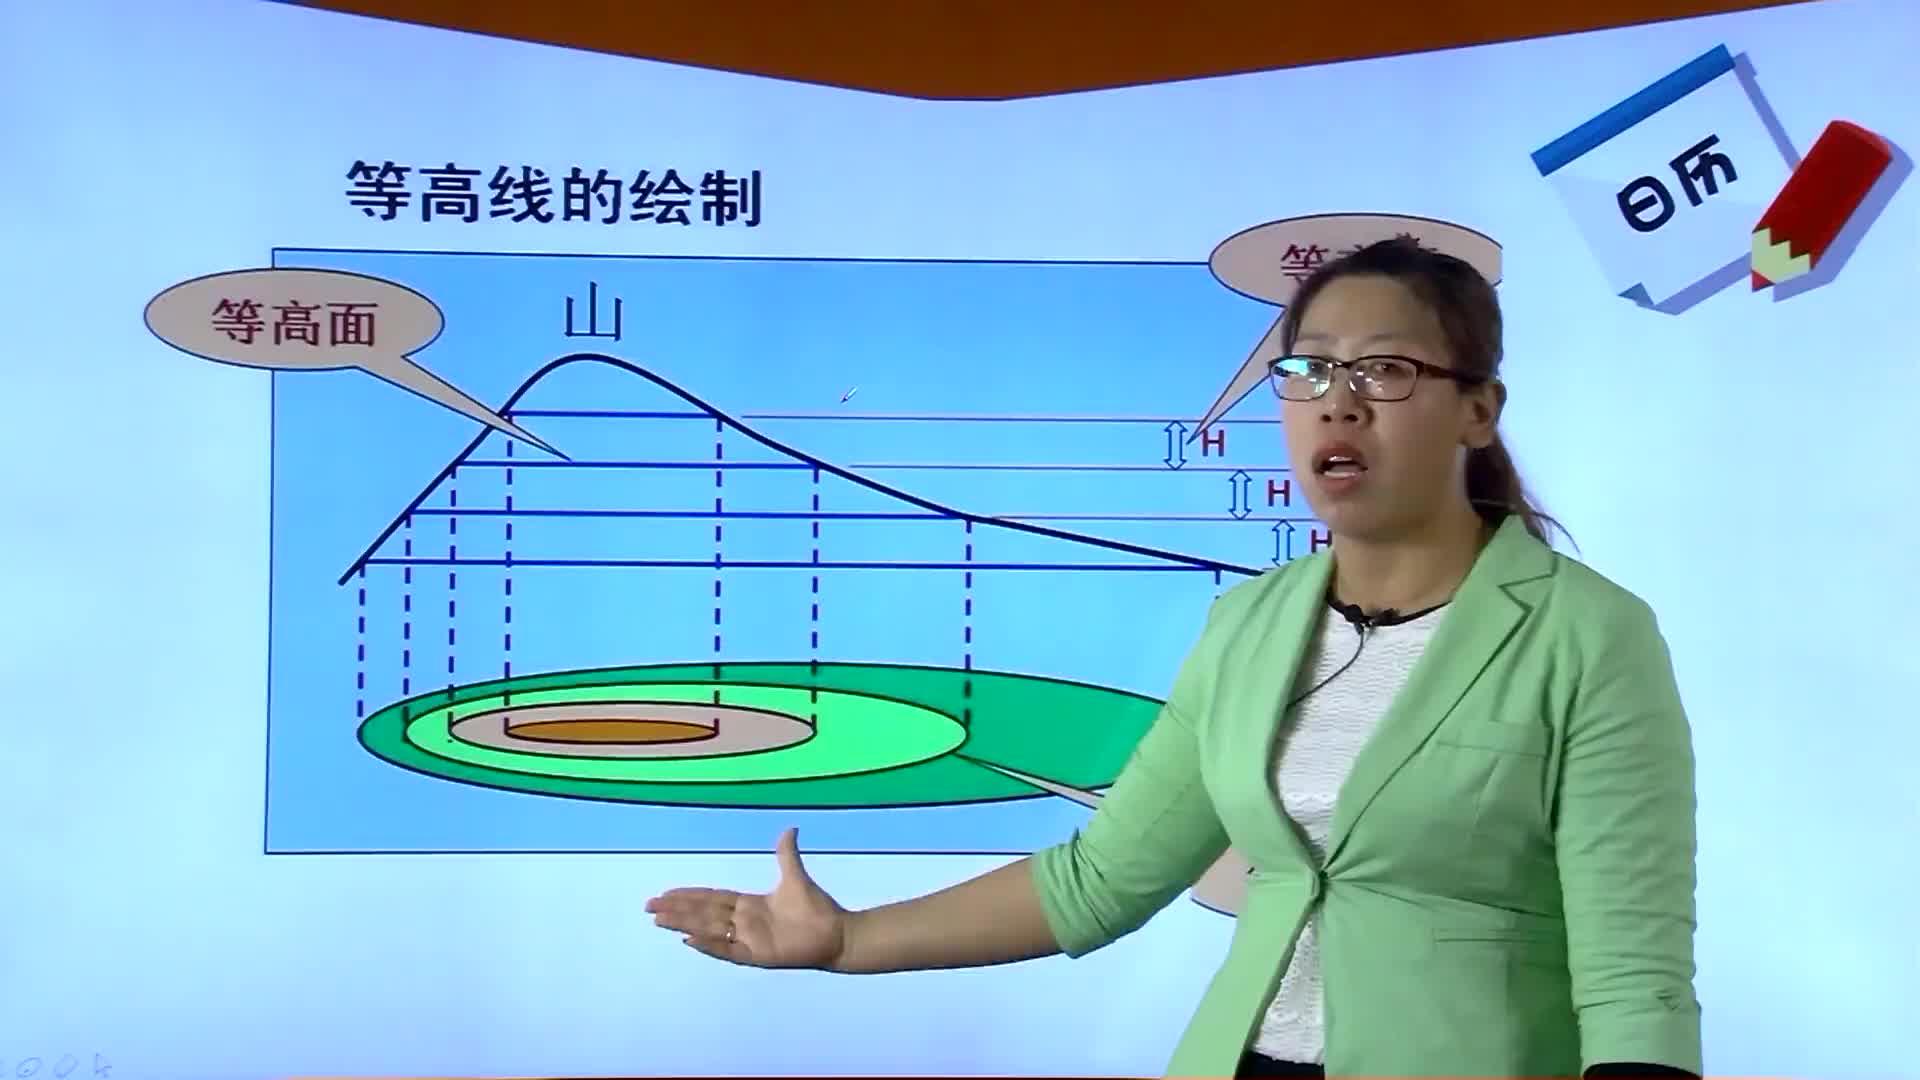 人教版高中地理 等高线与地形剖面图3-地形剖面图绘制(孙晓丽)